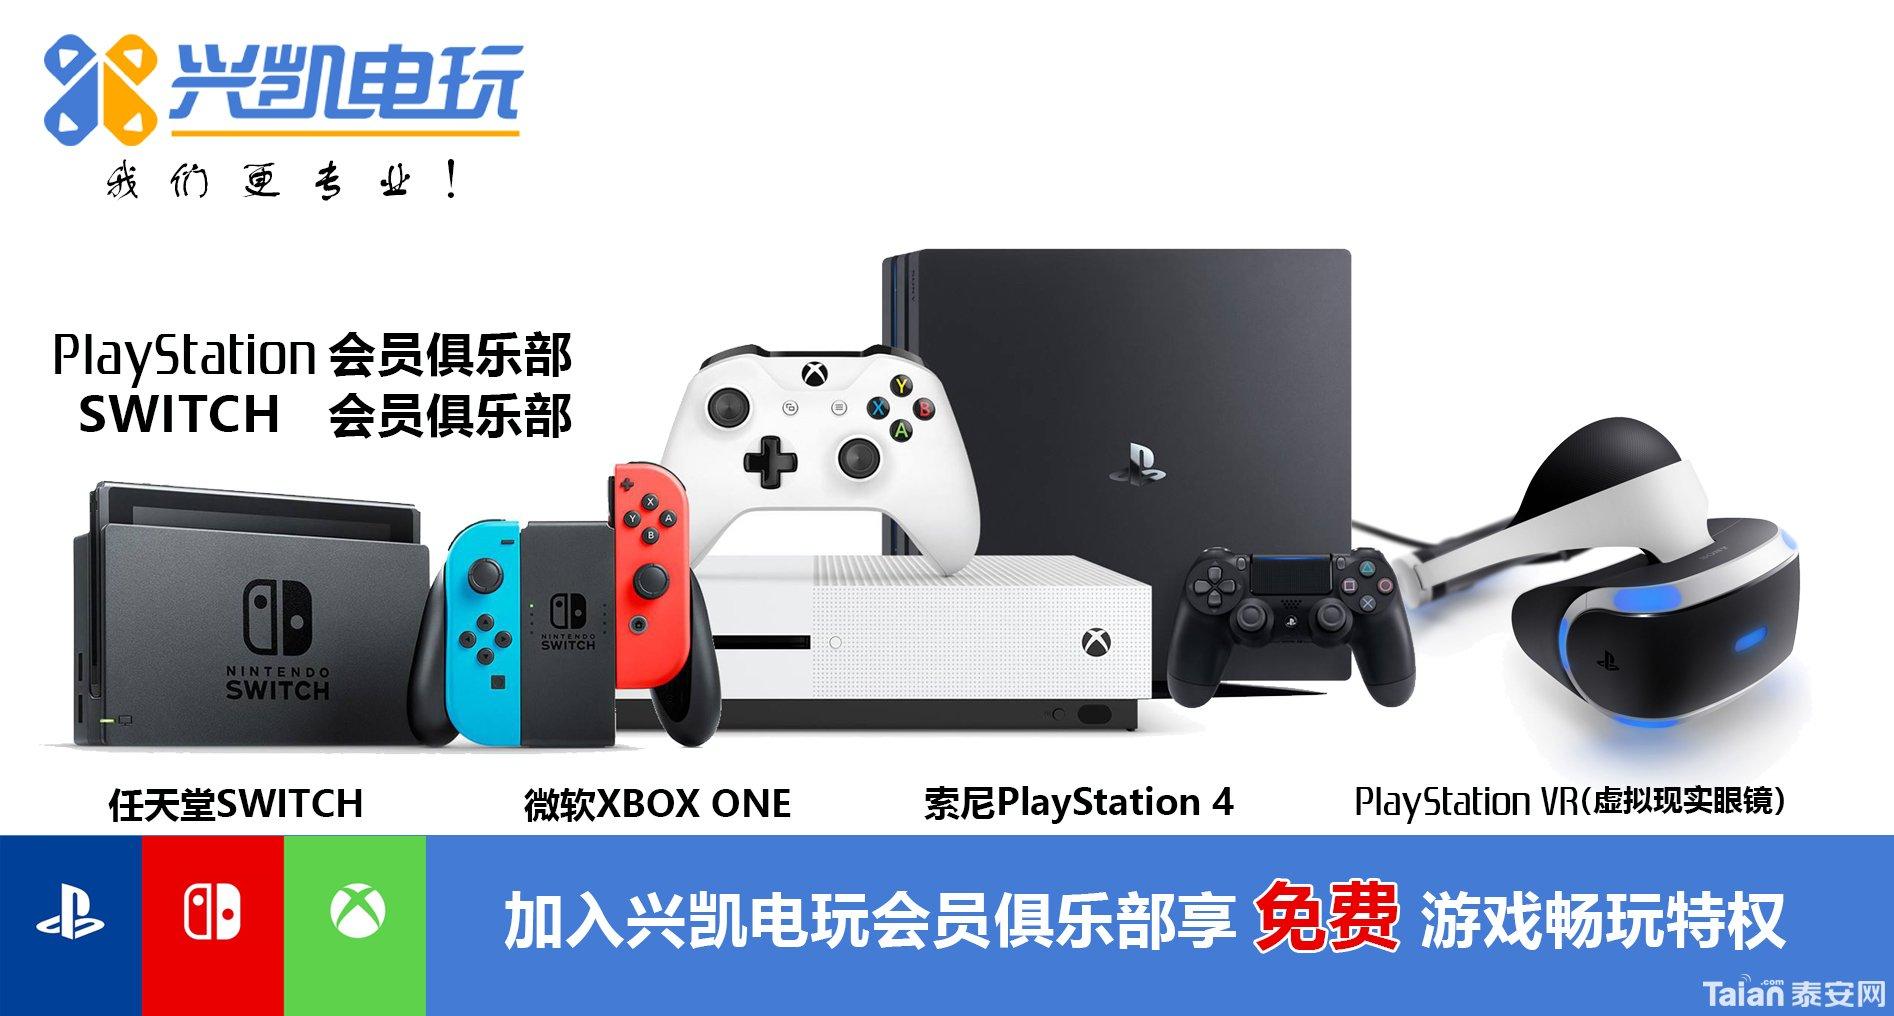 论坛广告 游戏机.jpg